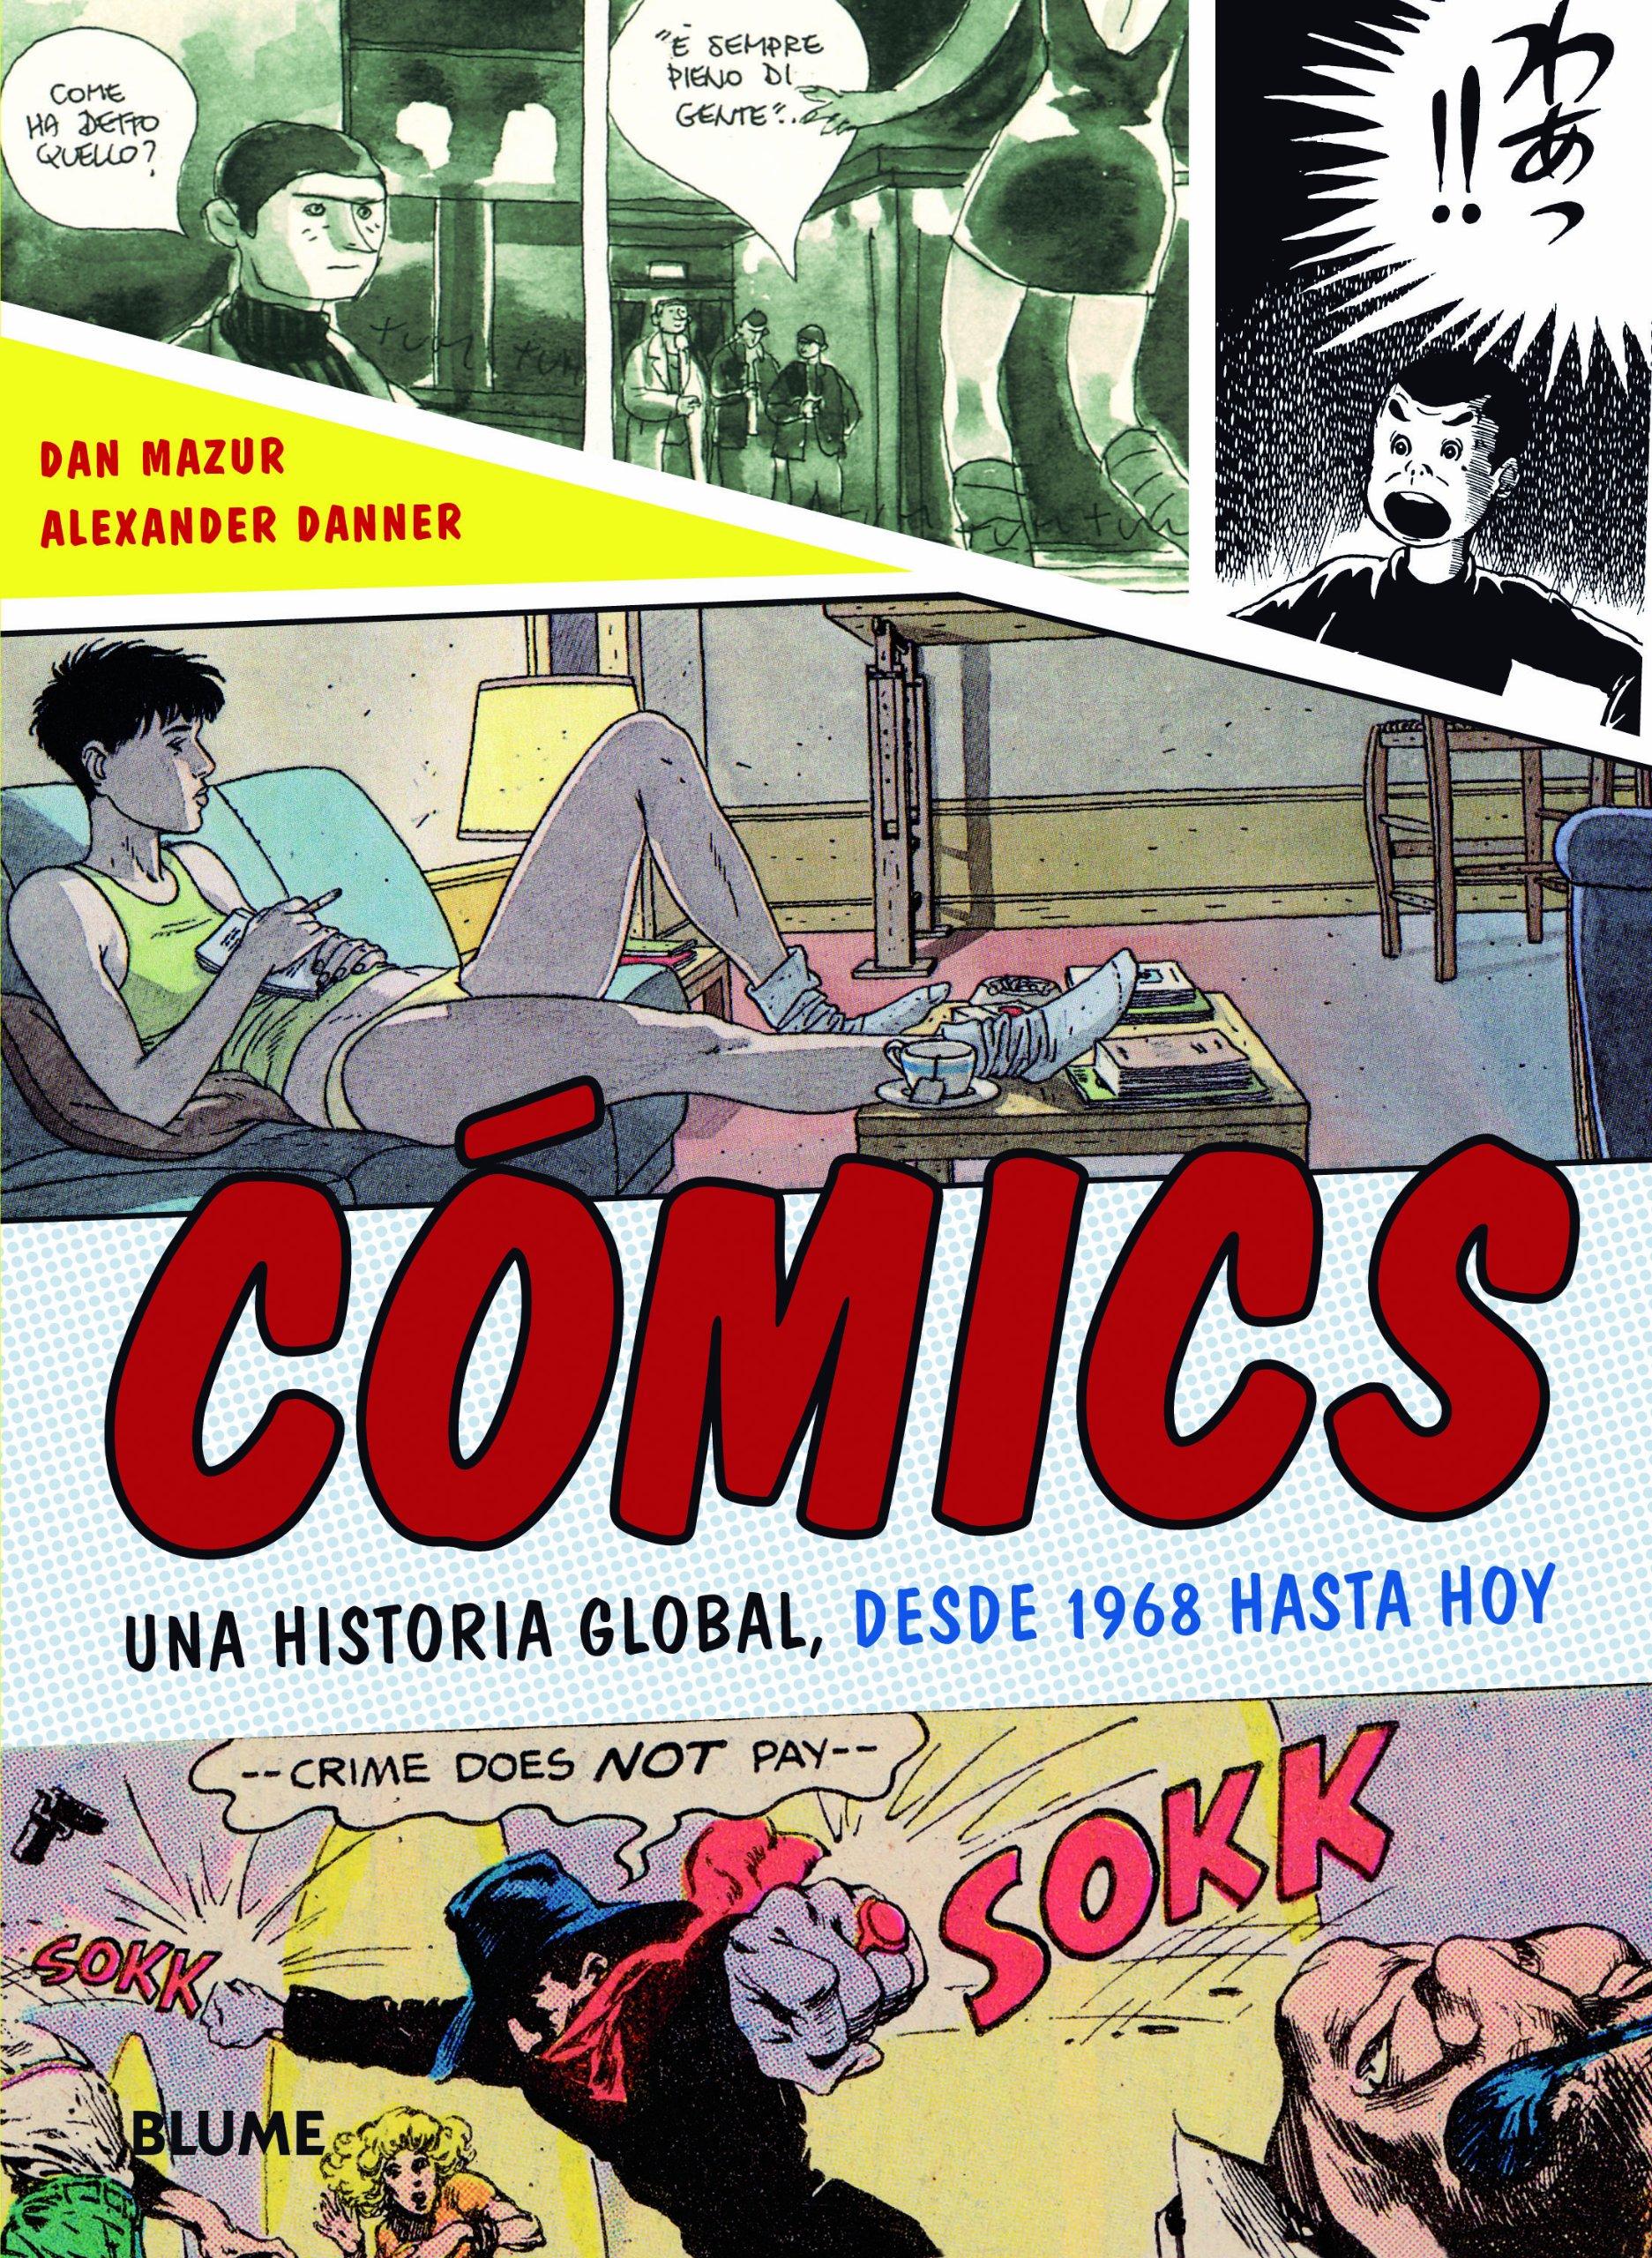 Cómics: Una historia global, desde 1968 hasta hoy Generica: Amazon ...